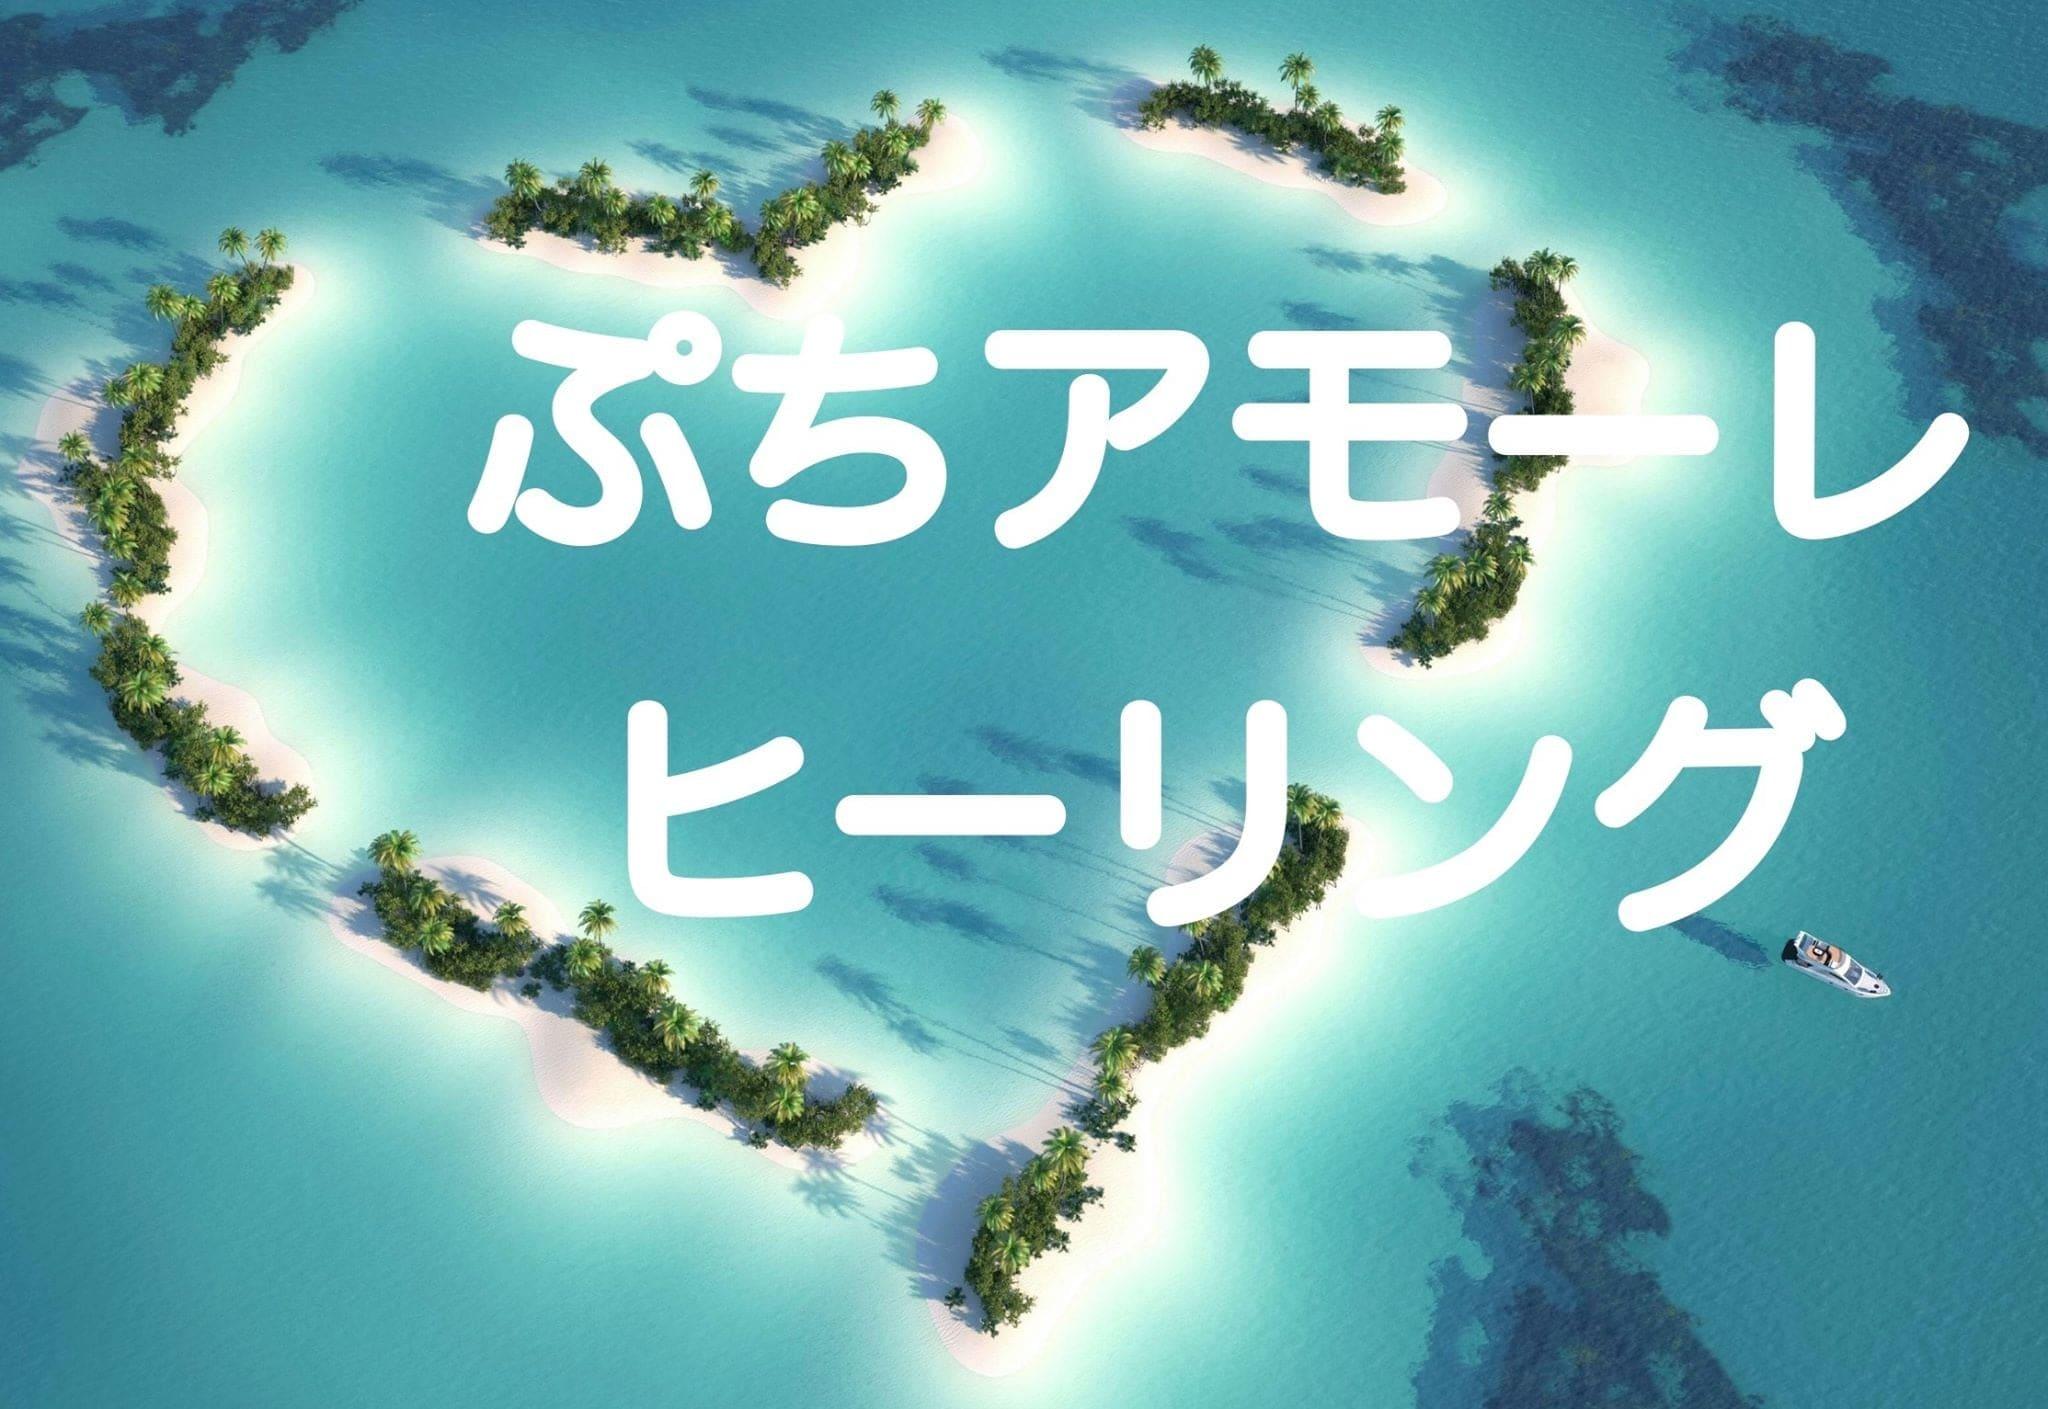 ぷちアモーレヒーリング 90分 「ドMモードの人生すごろく盤」をイージーモードに変えてアモーレでハッピーな人生に♪のイメージその1